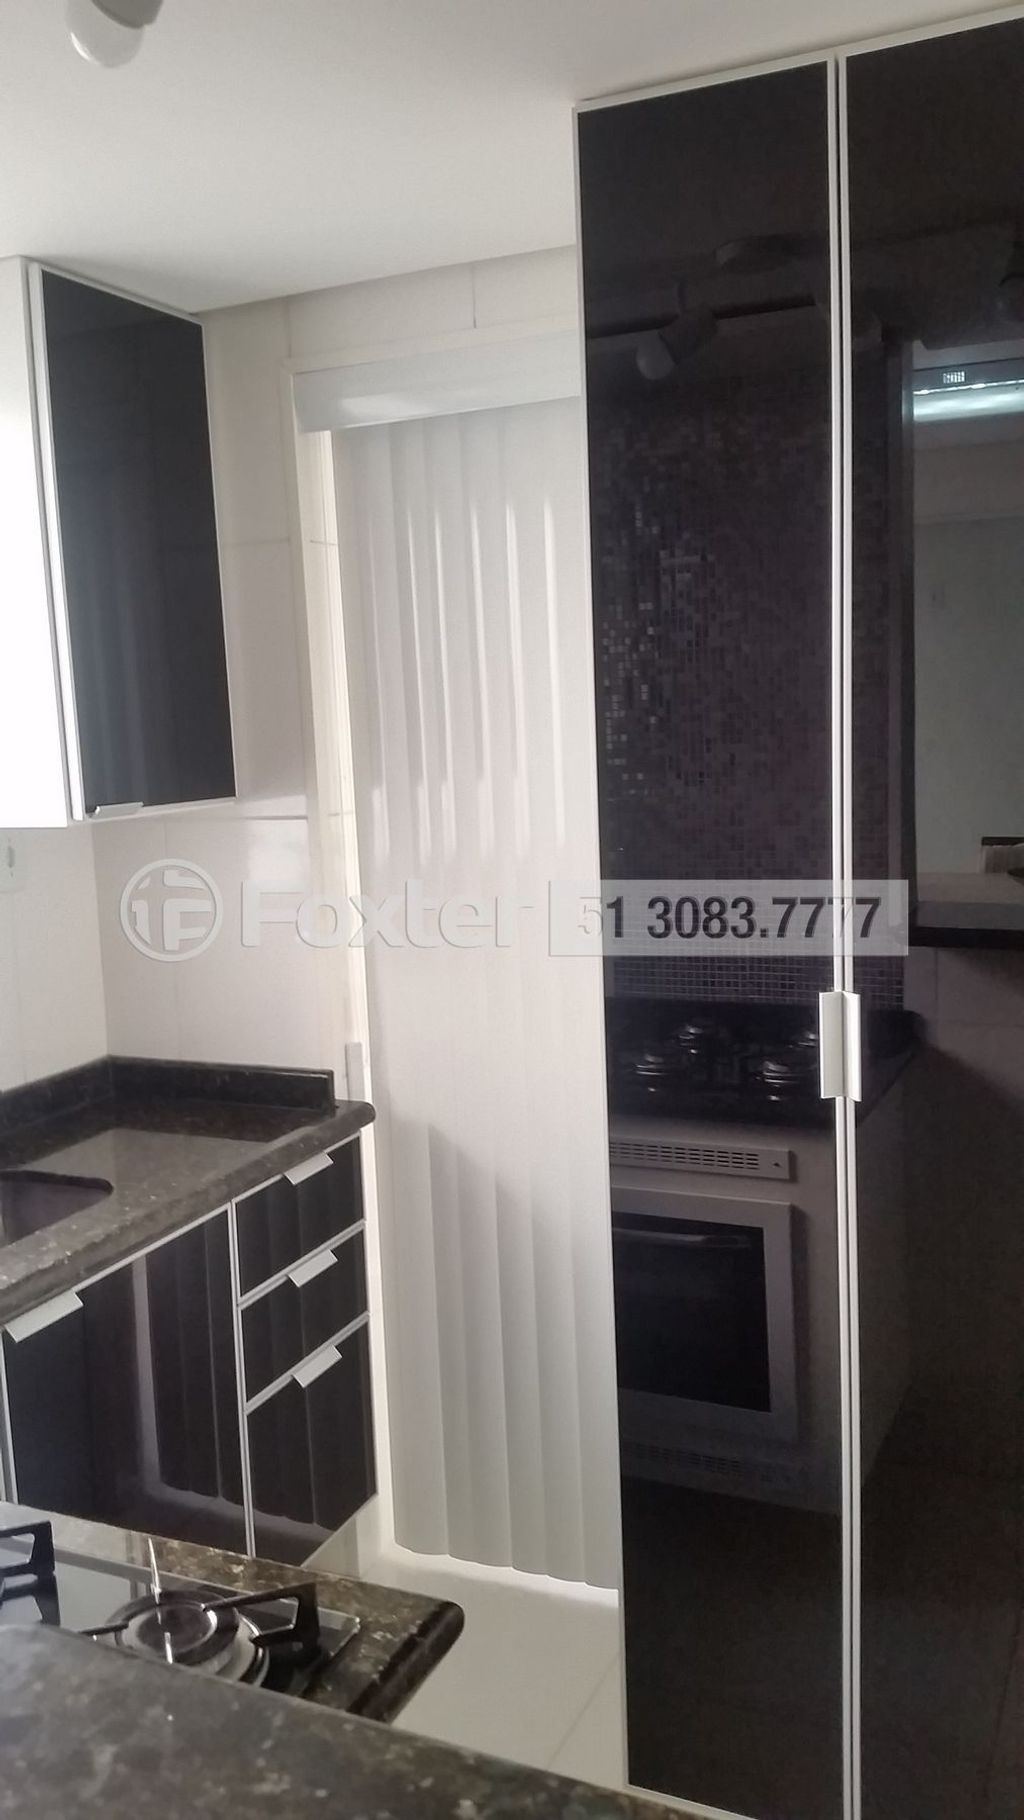 Foxter Imobiliária - Casa 3 Dorm, Olaria, Canoas - Foto 16